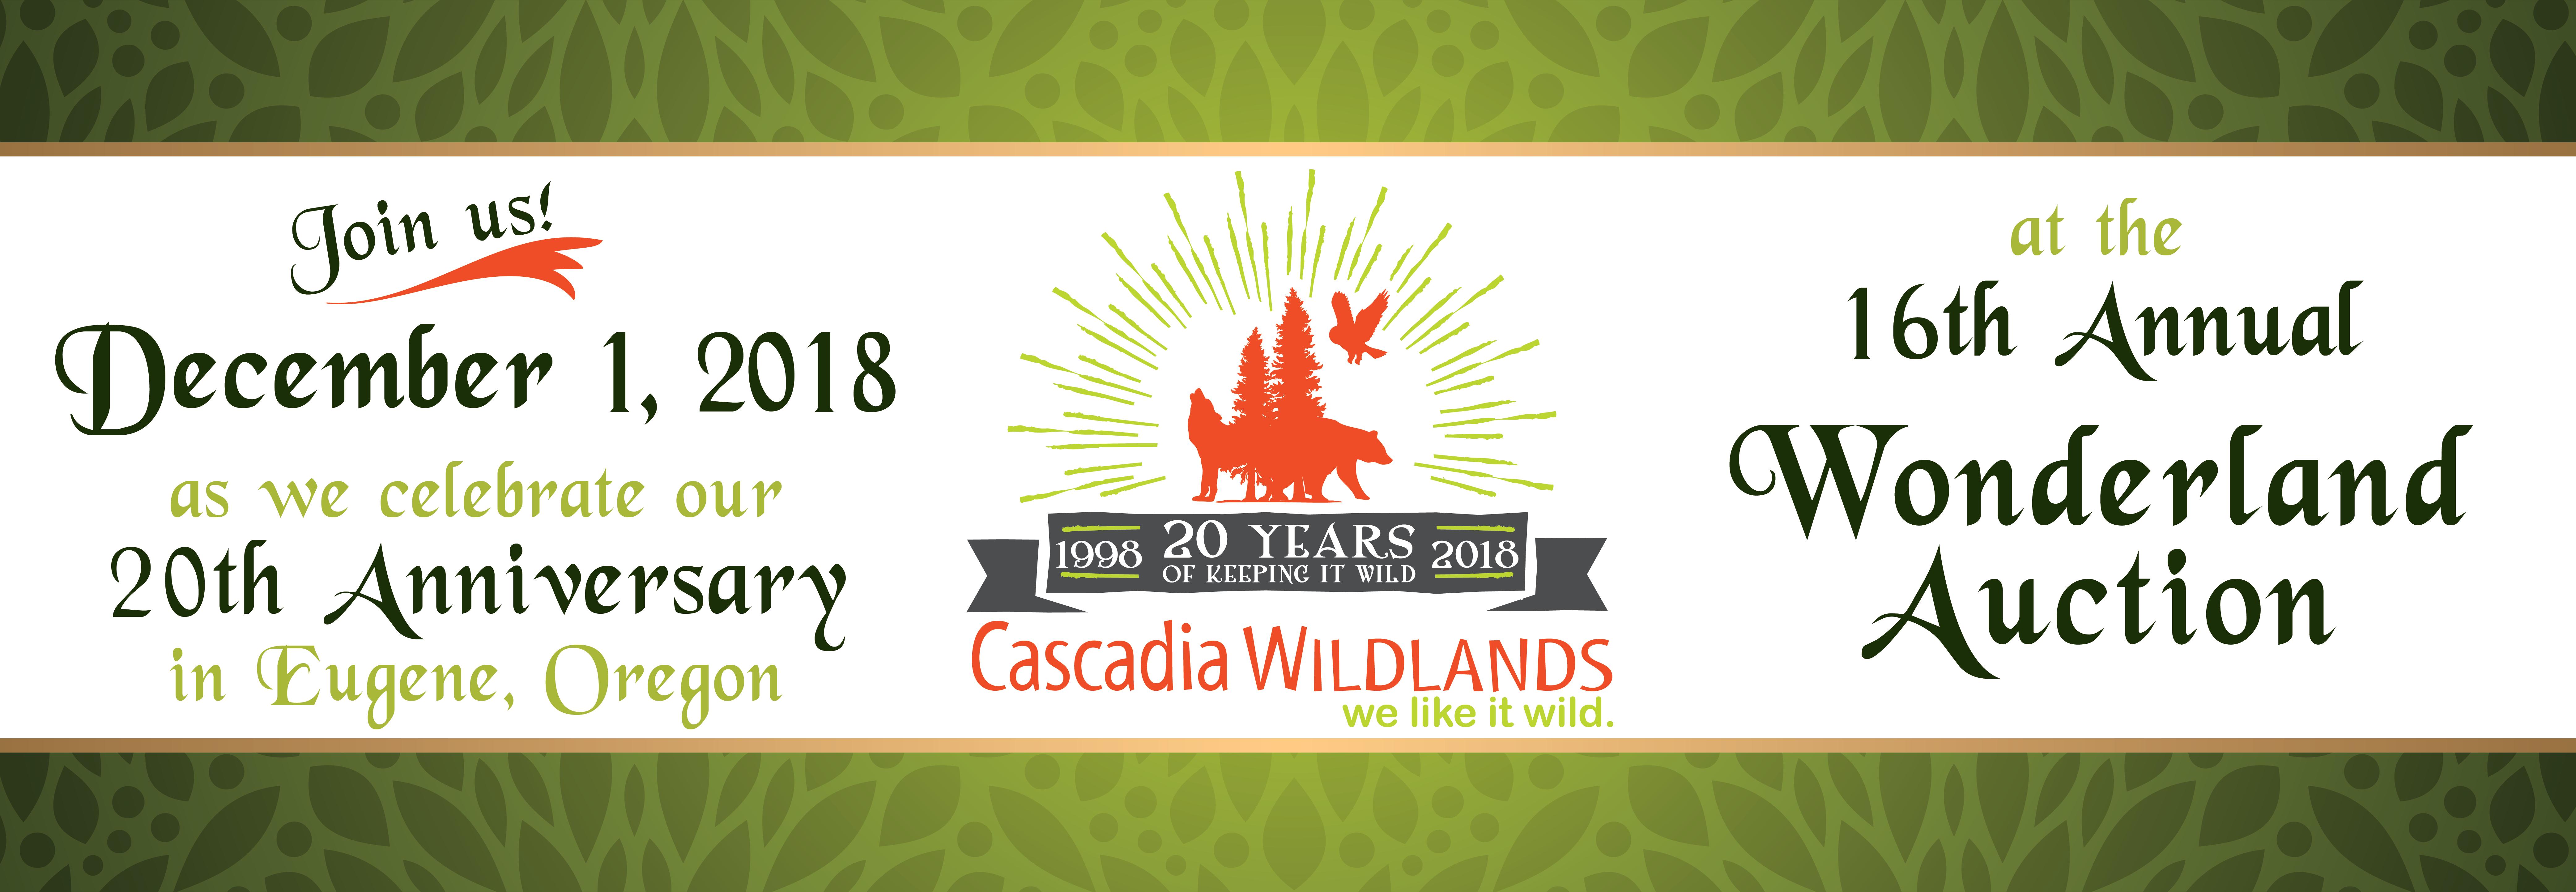 2018 Wonderland Auction  Cascadia Wildlands 20th Anniversary